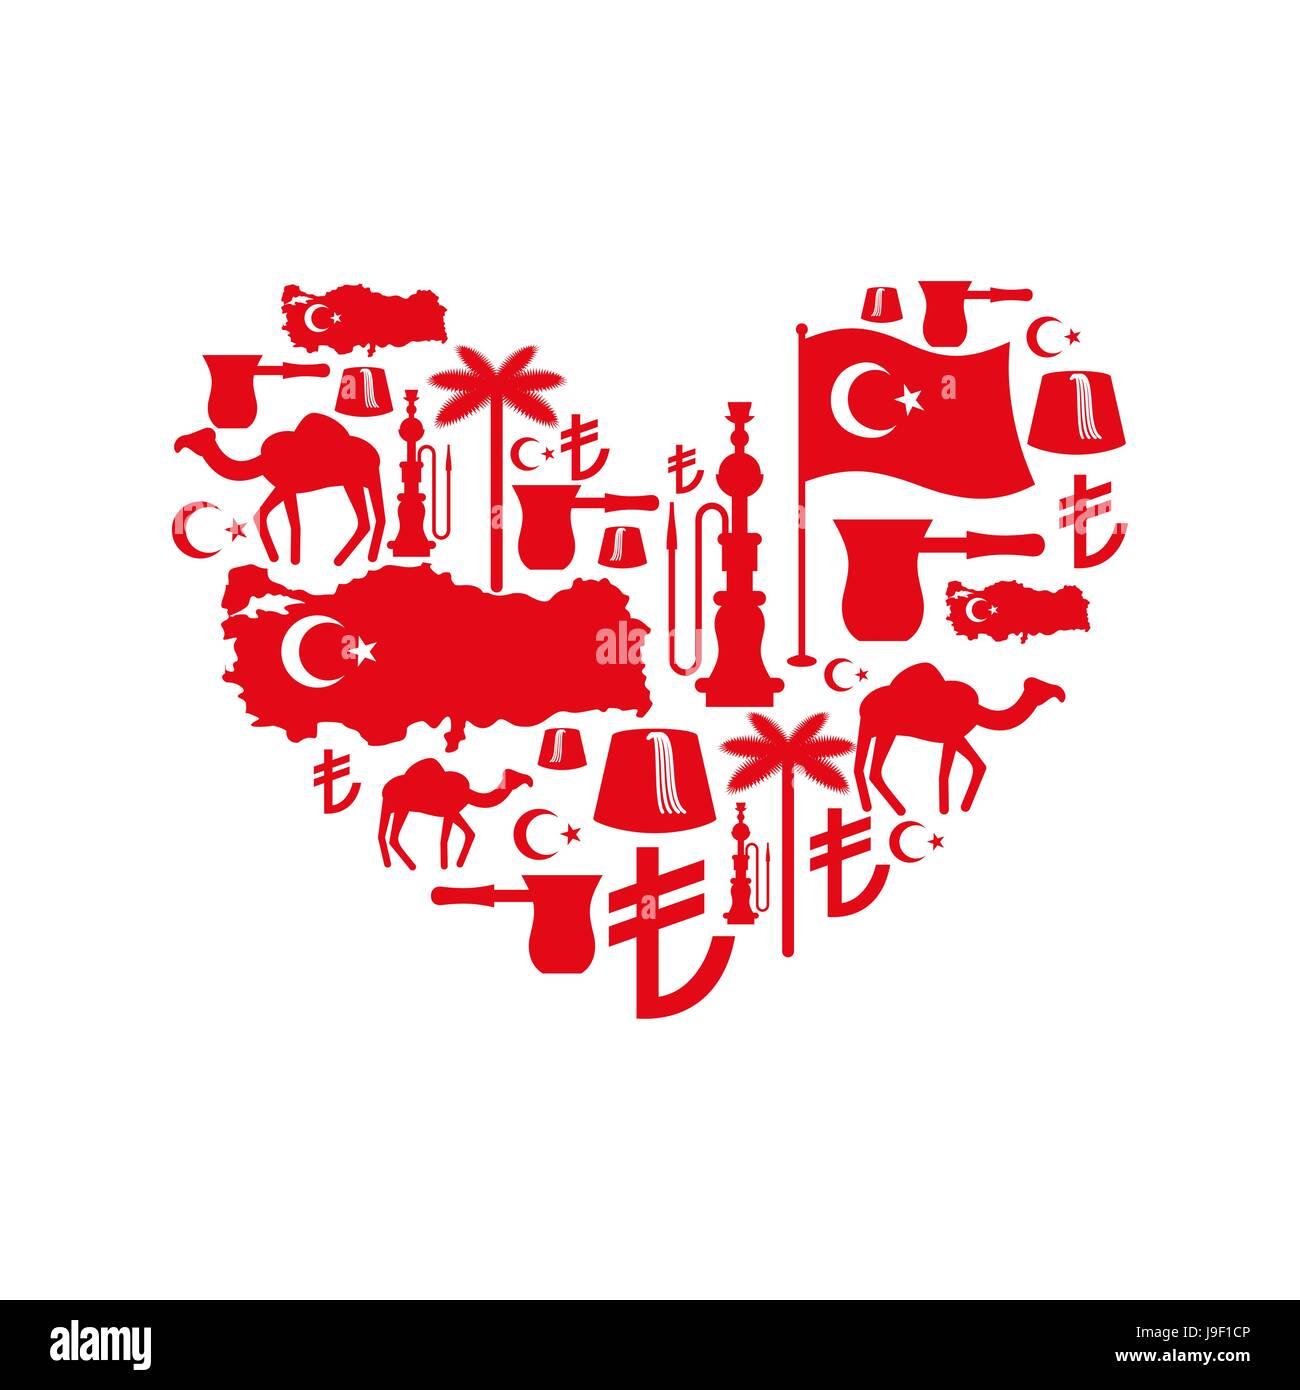 Signo de corazón folk tradicional turco caracteres. Mapa y bandera de c439d0f7cee